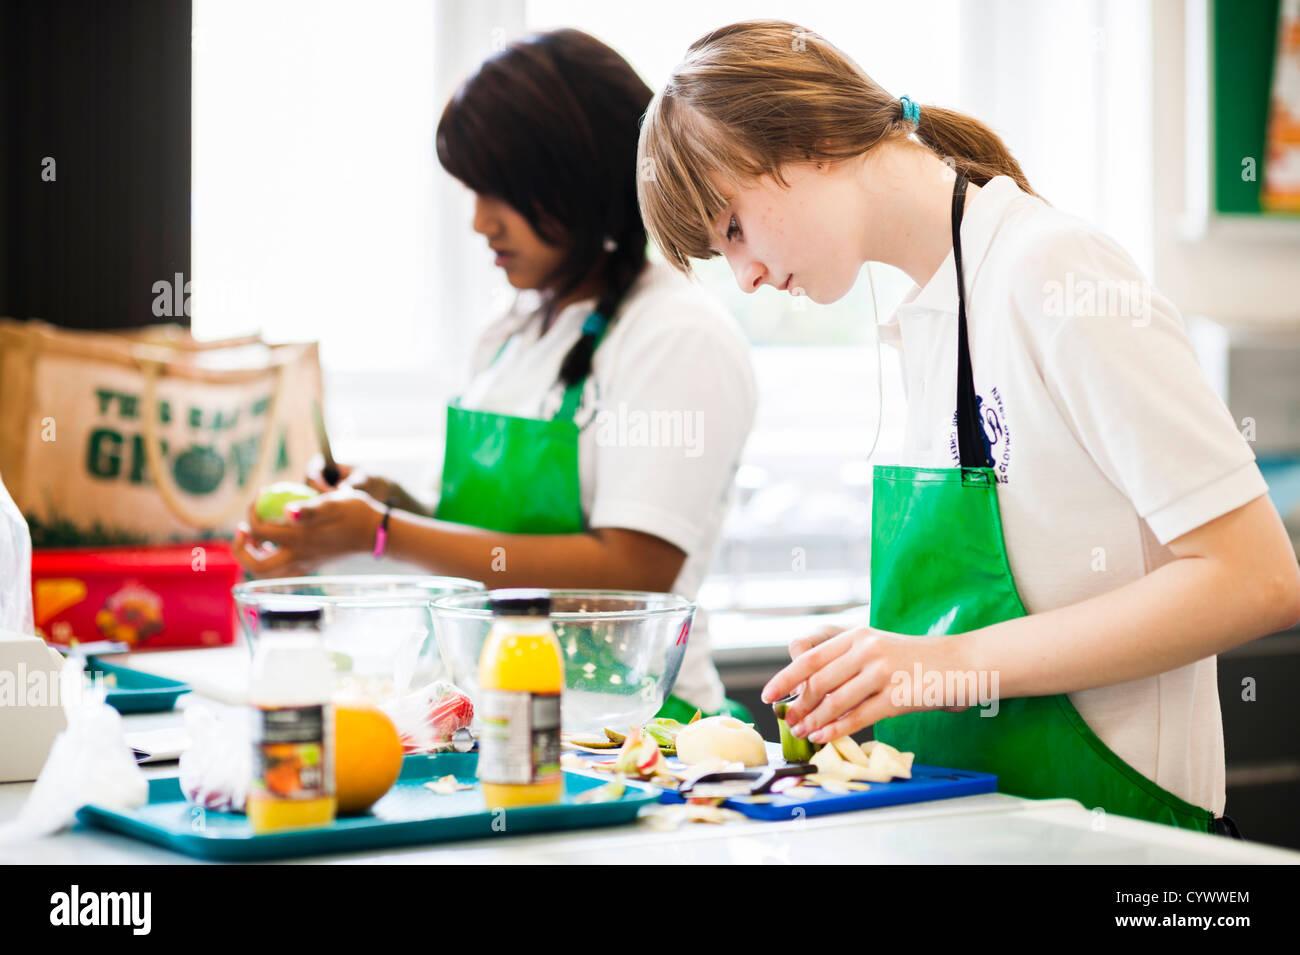 Dos niñas preparar verduras en una tecnología alimentaria la clase de cocina en una escuela secundaria, Imagen De Stock